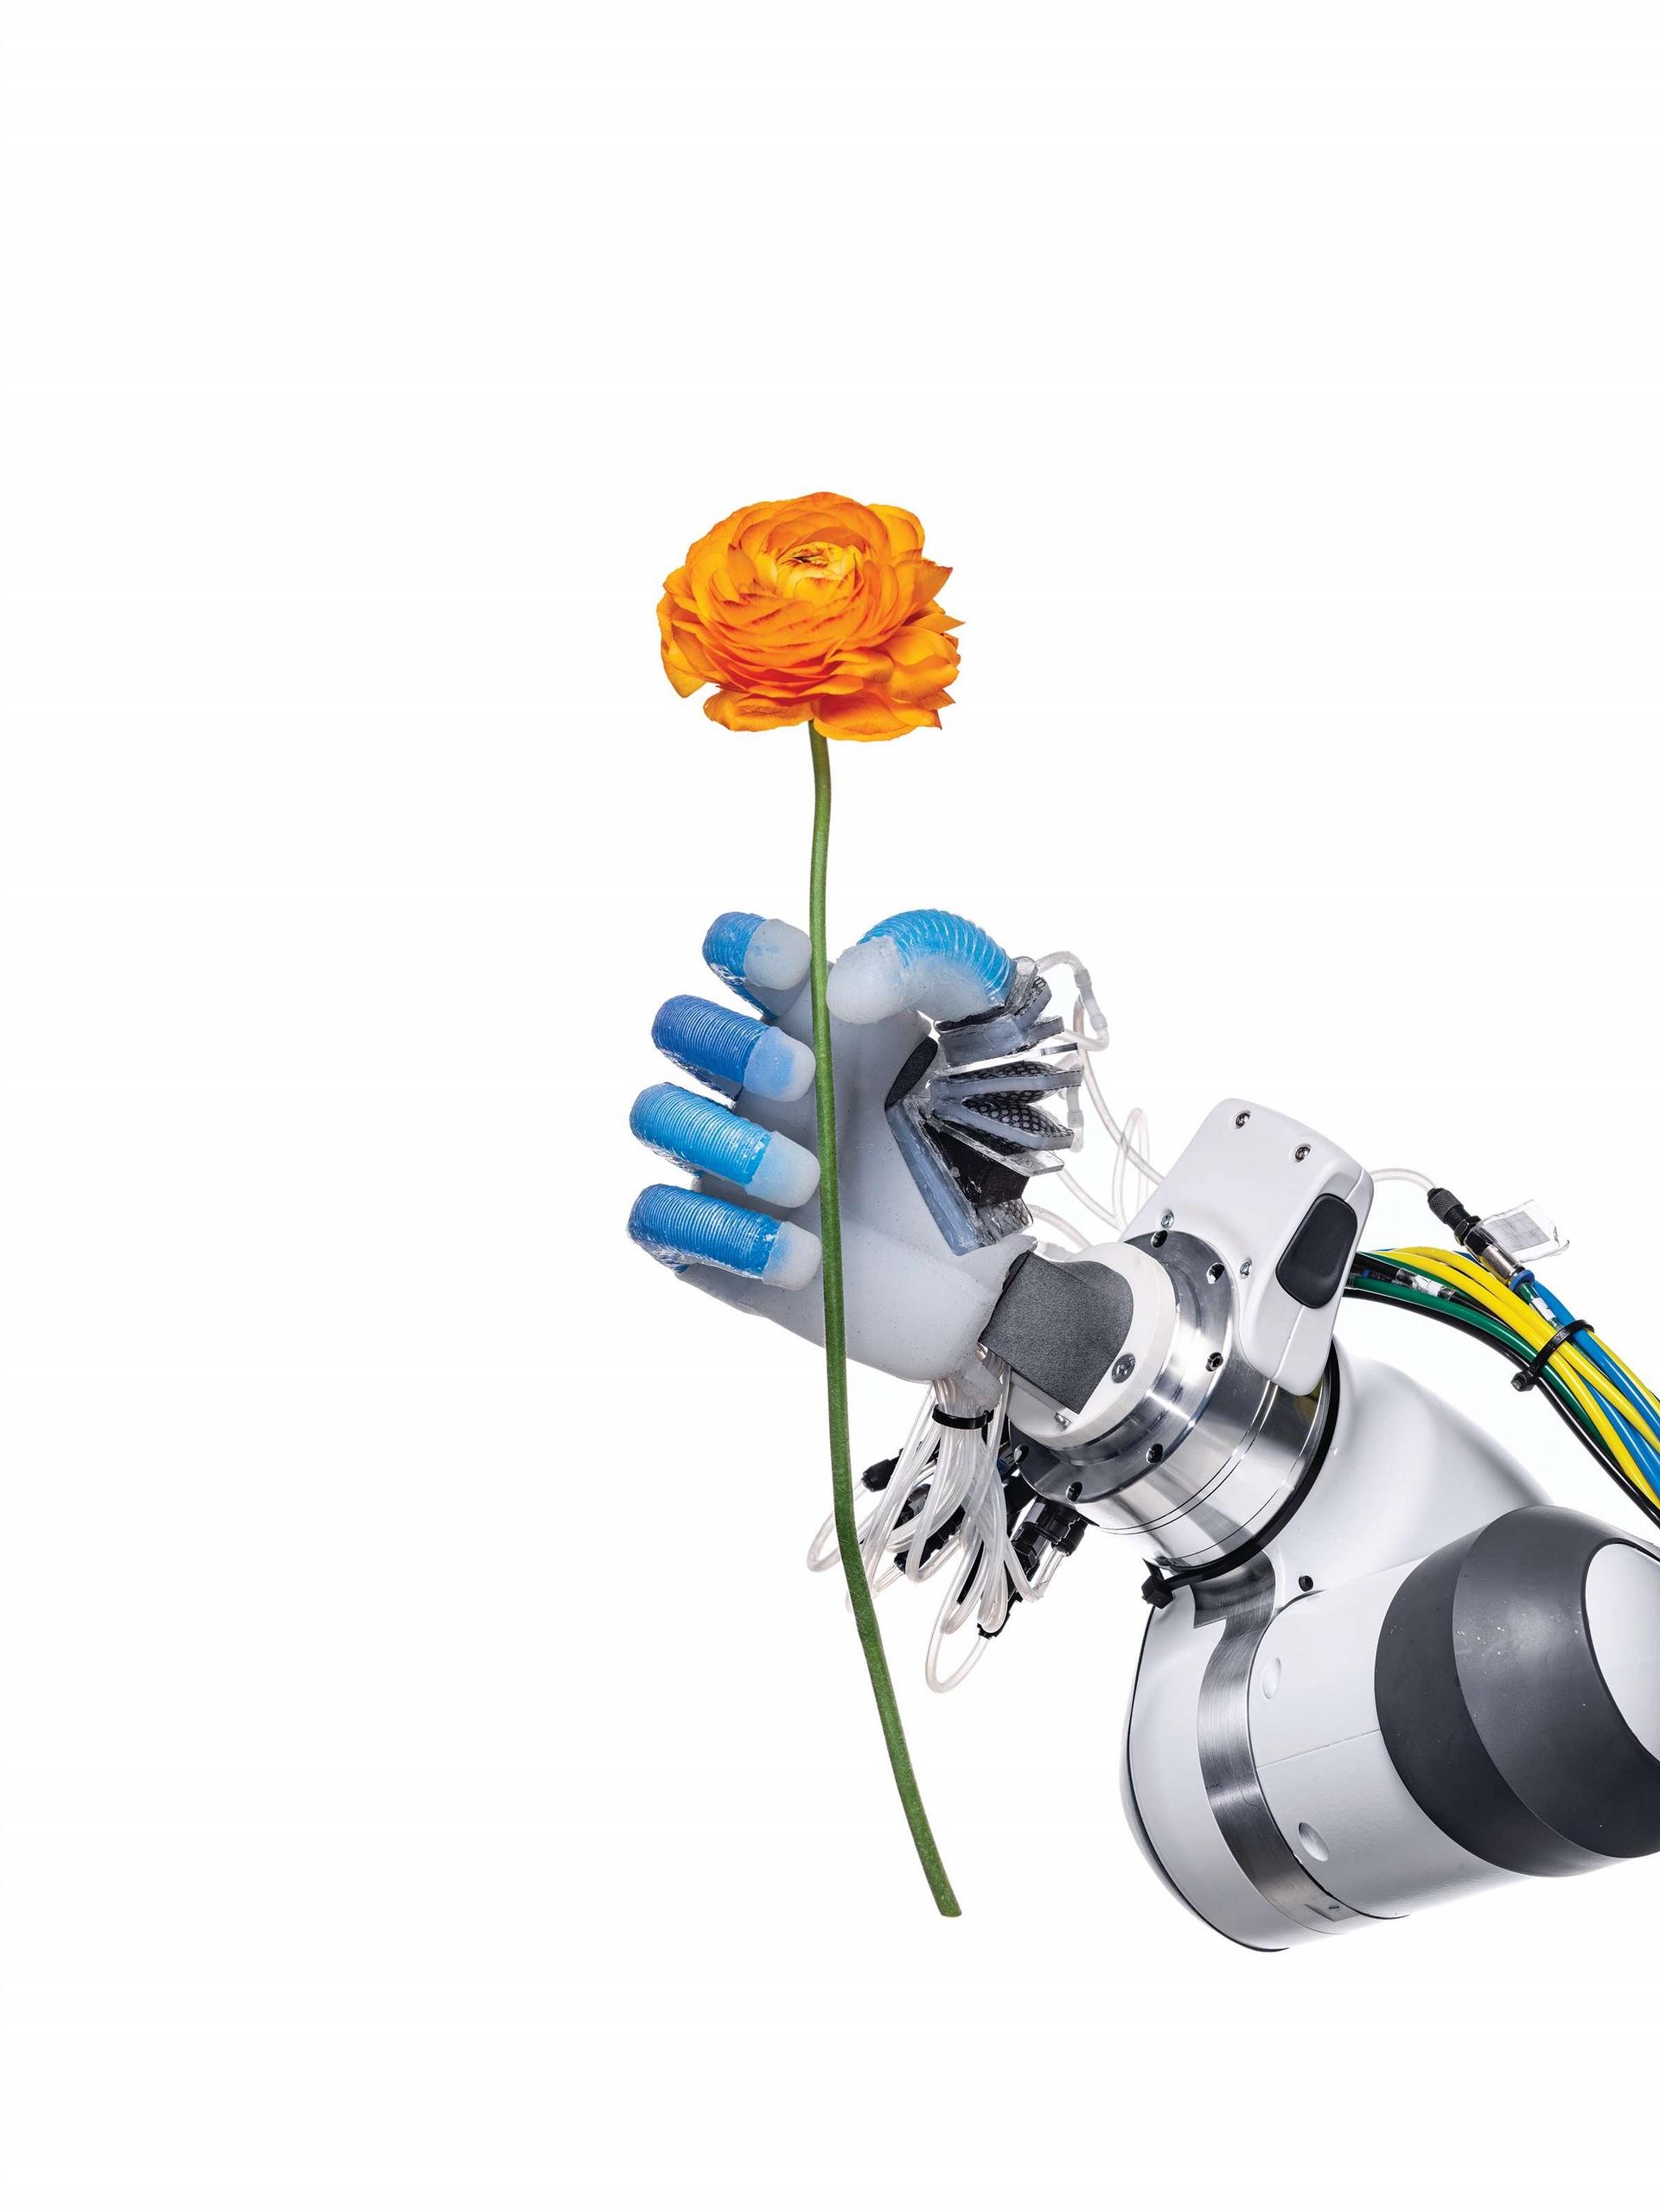 柏林工業大學的機器人學與生物學實驗室裡,一條機器人手臂用它的氣動式手指穩穩而輕巧地拈著一朵花。近年的進展讓機器人的能力比以往更接近人類。Photo by SPENCER LOWELL(史賓賽.羅威爾)